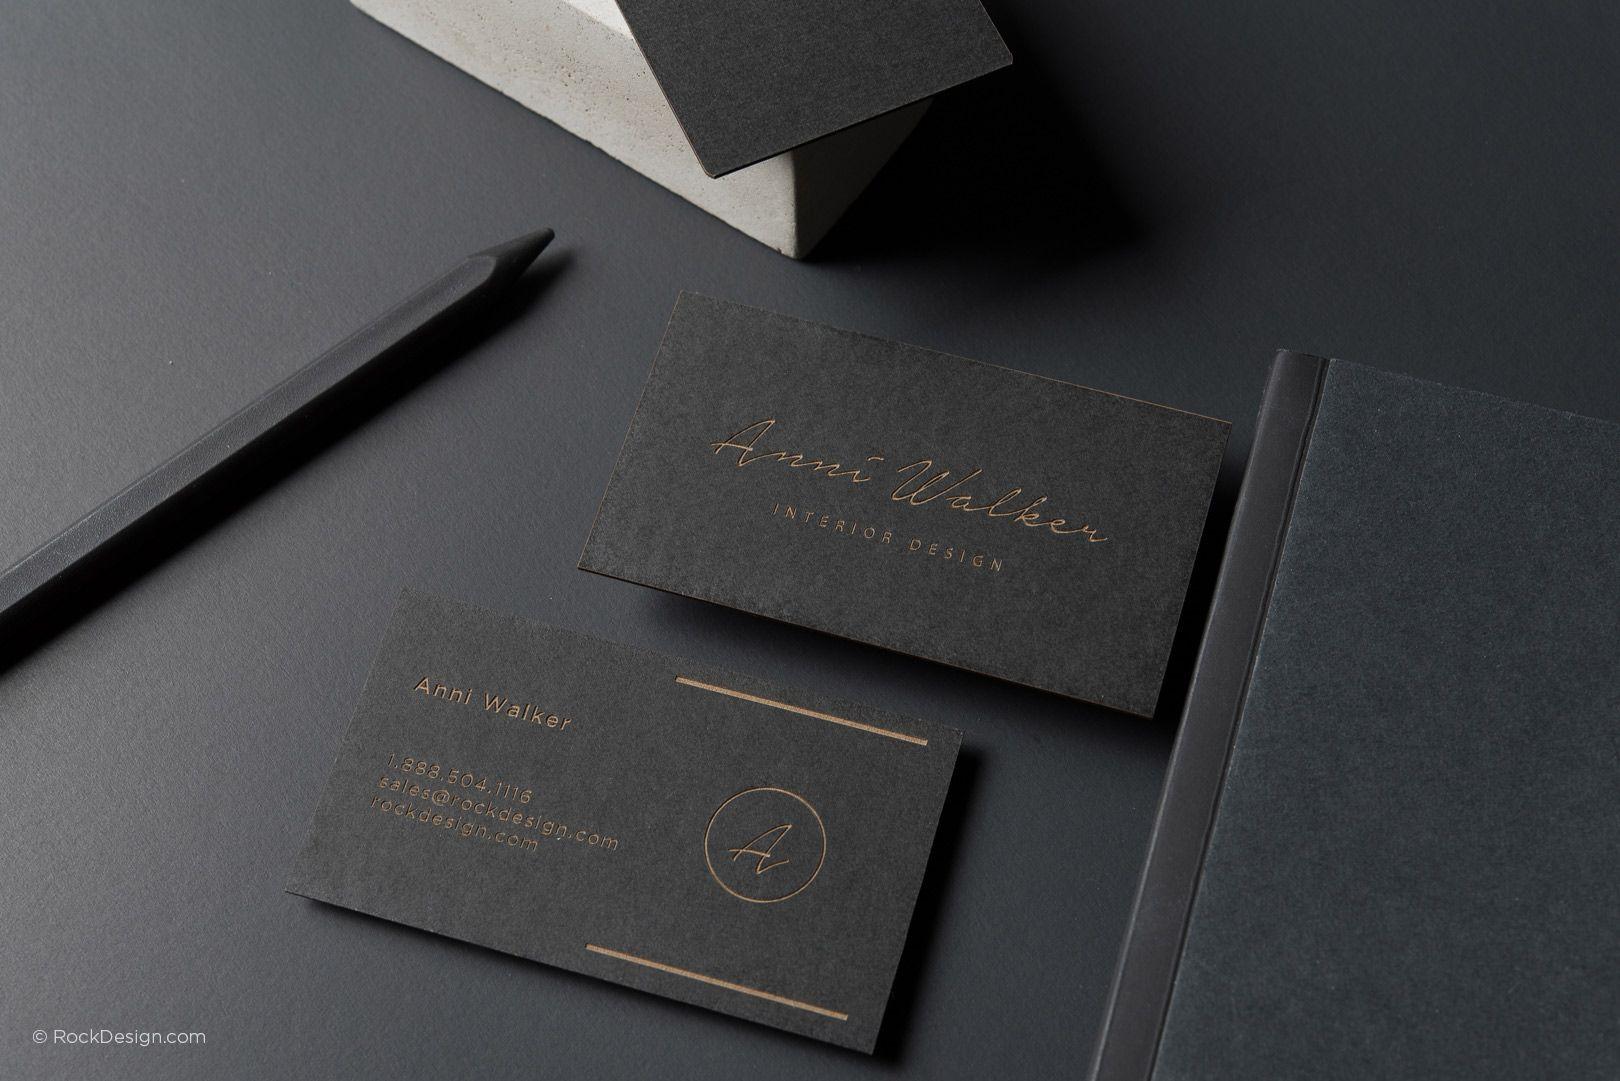 Elegant Modern Laser Engraved Business Card Anni Walker Rockdesign Lu Printing Business Cards Interior Designer Business Card Laser Engraved Business Cards